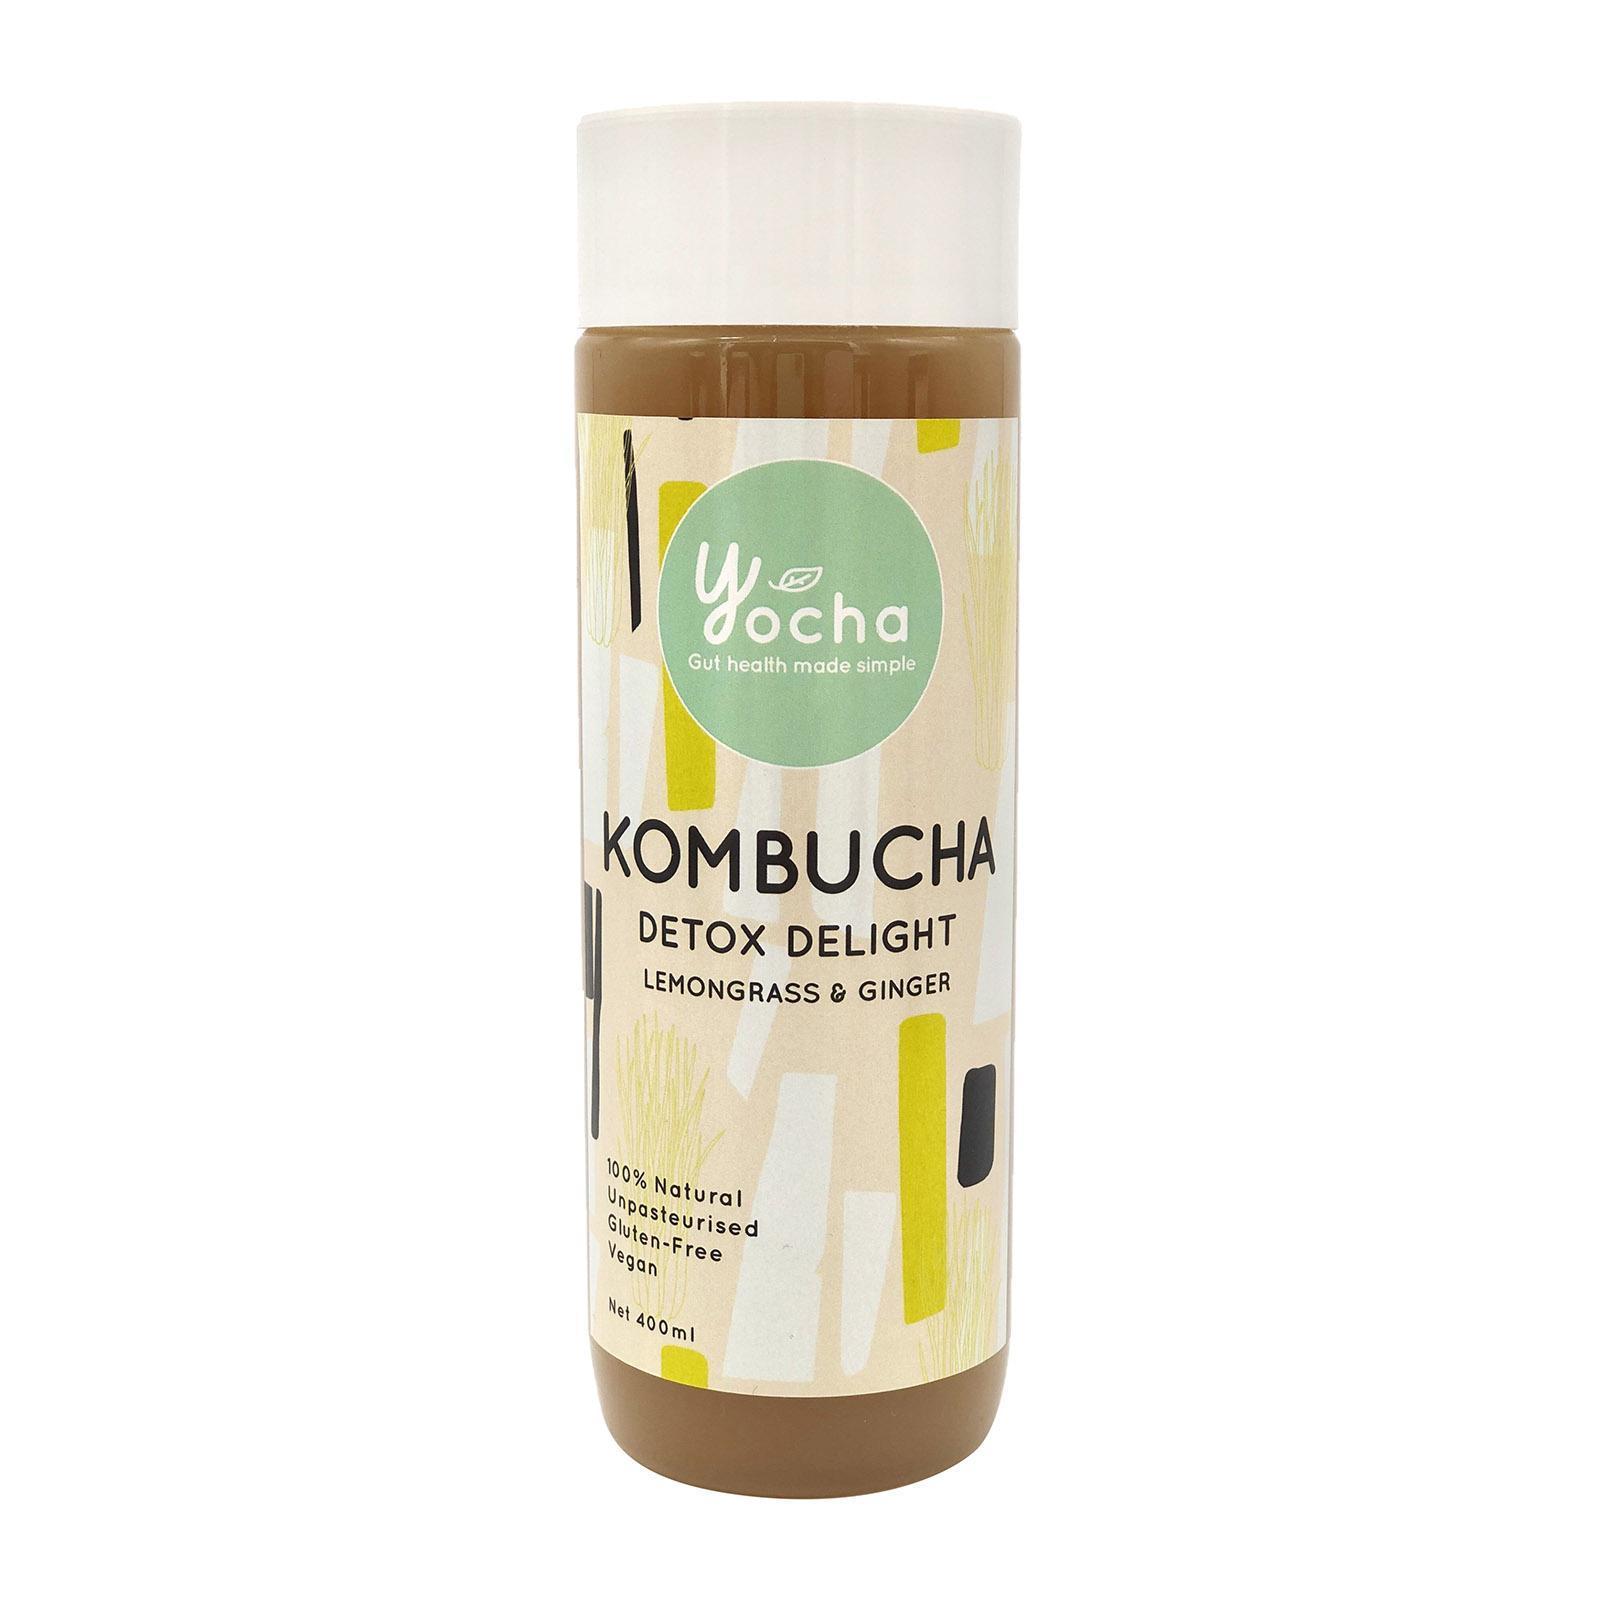 Yocha Kombucha Detox Delight - Ginger and Lemongrass